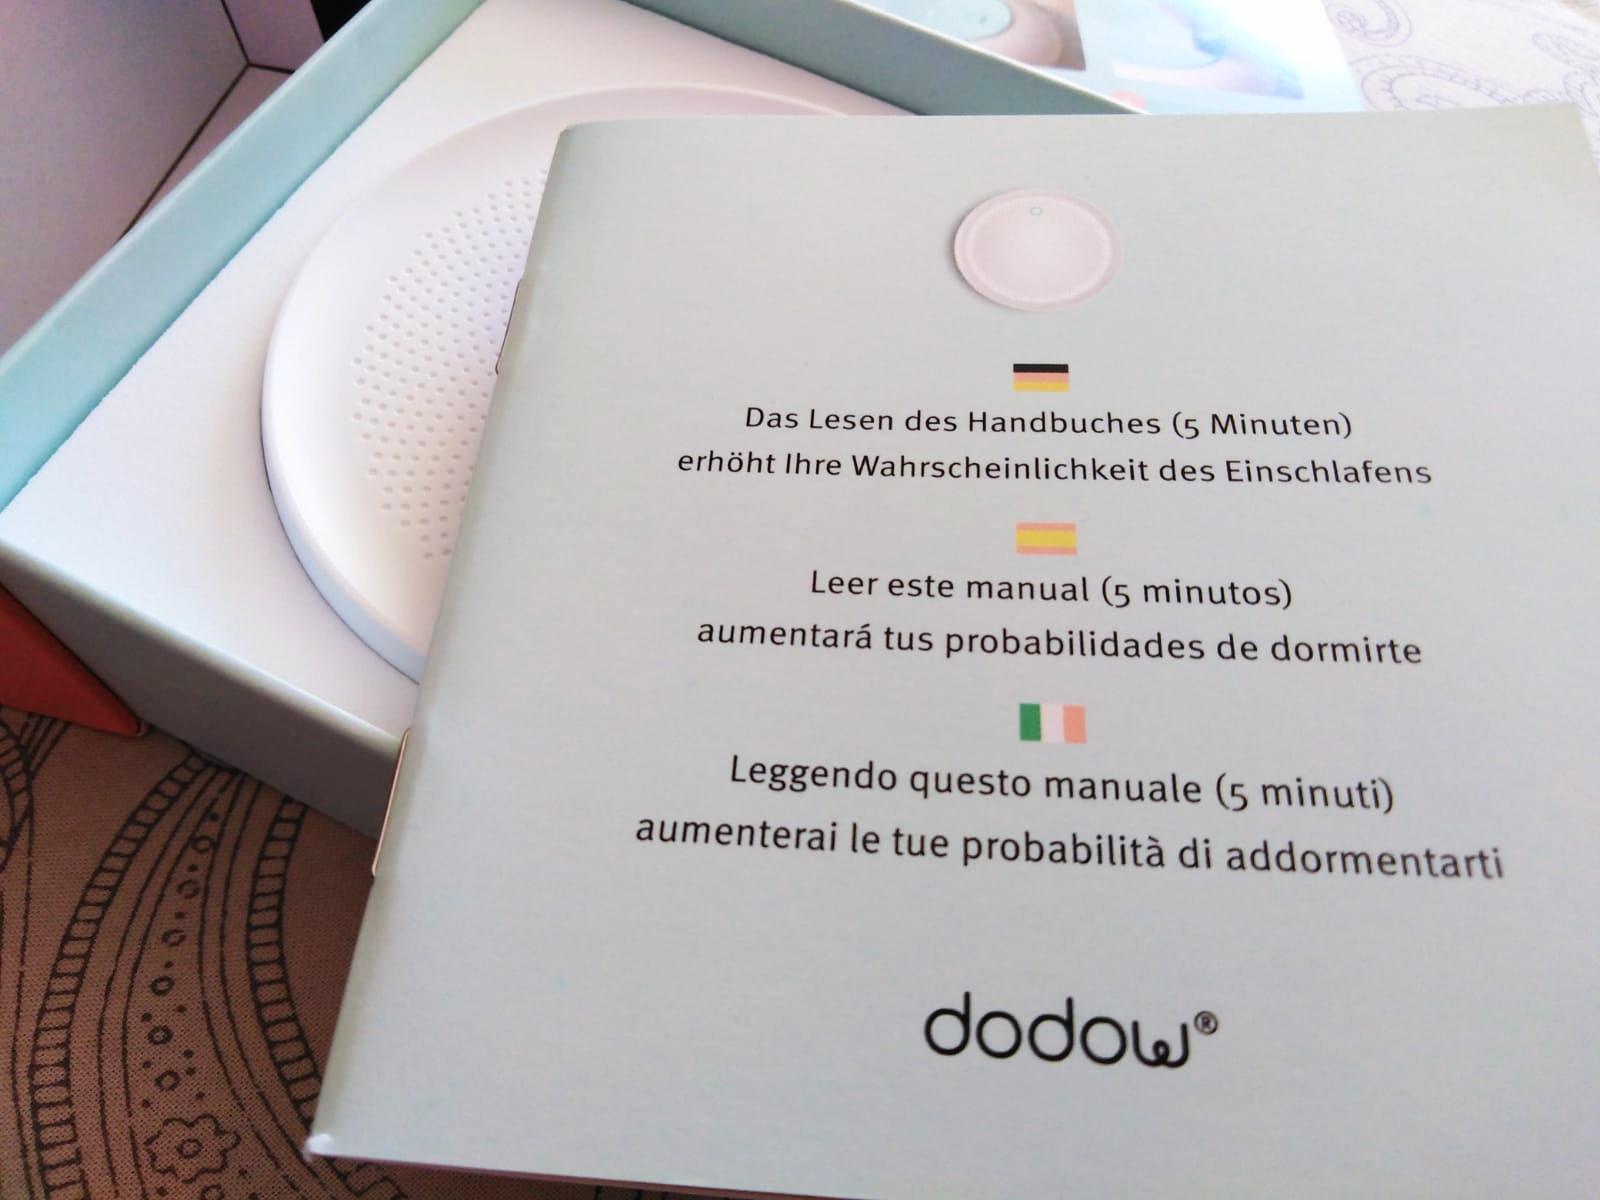 DODOWINSTR - Conciliar el sueño con Dodow